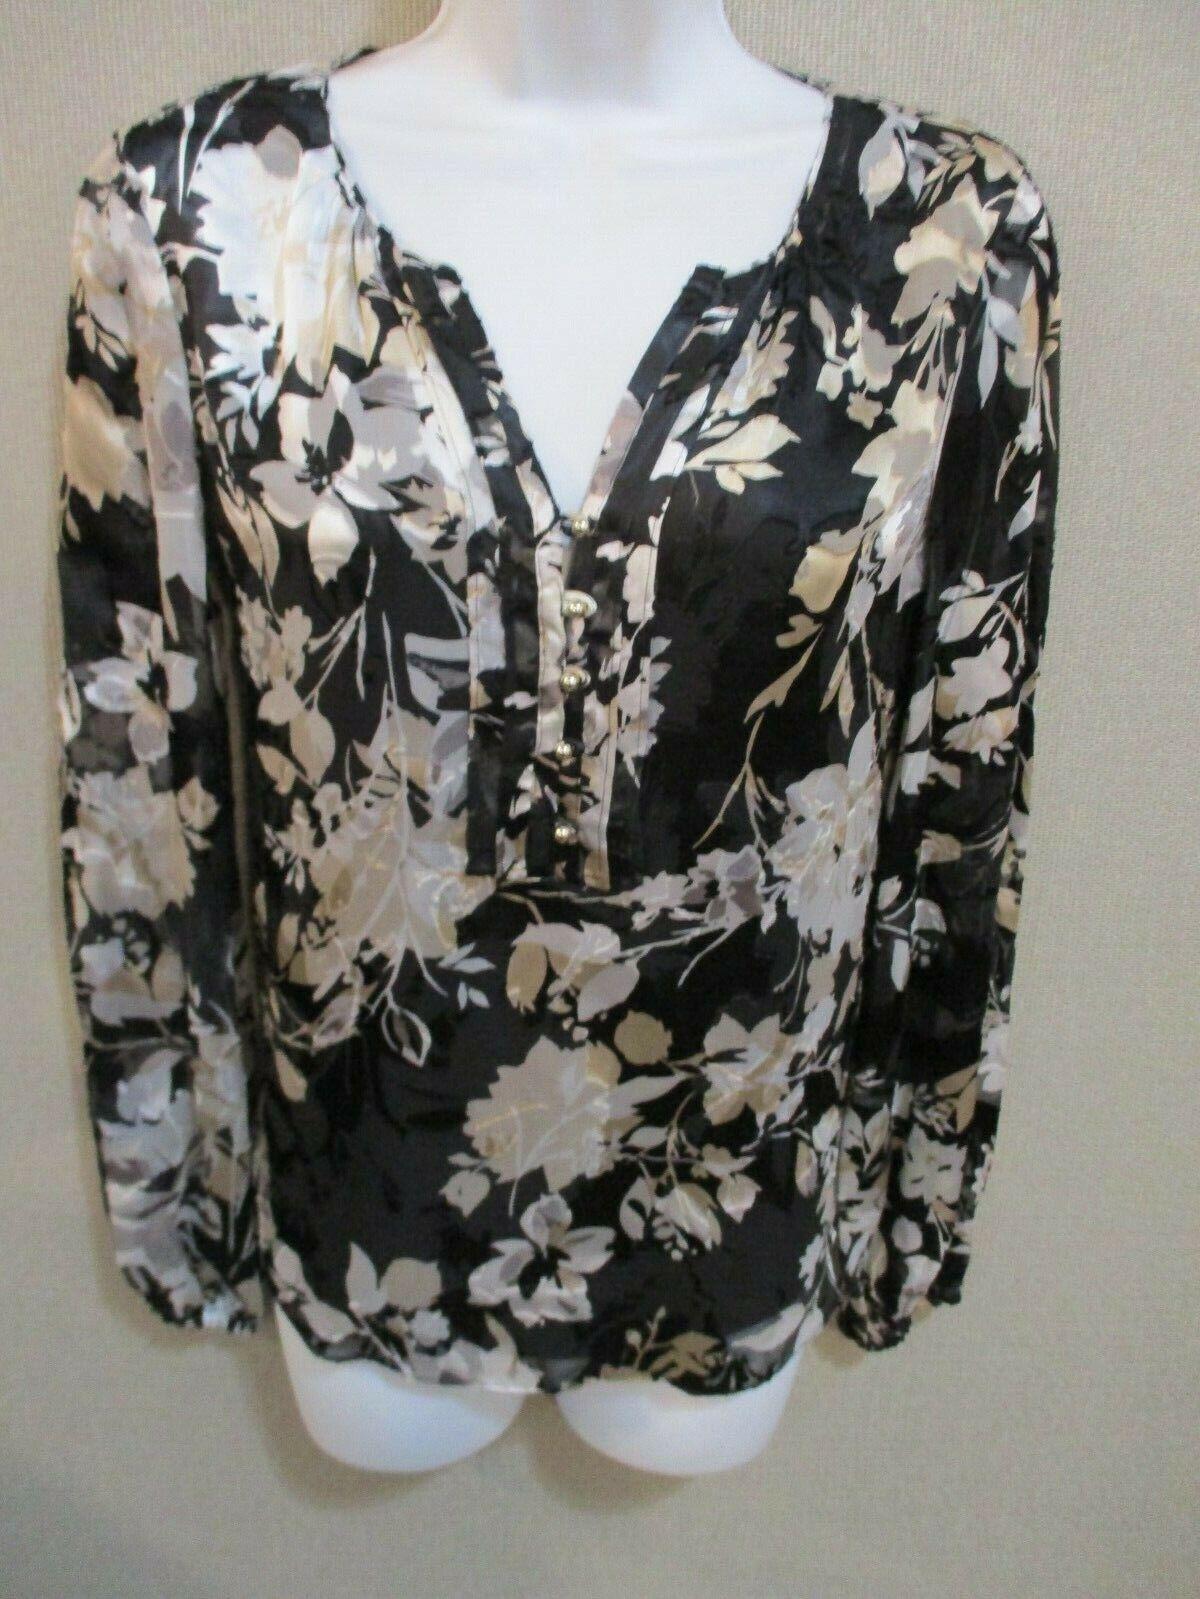 Weiß House schwarz Market Split Neck Blouse Größe 0 NWT Silk Blend  Lined